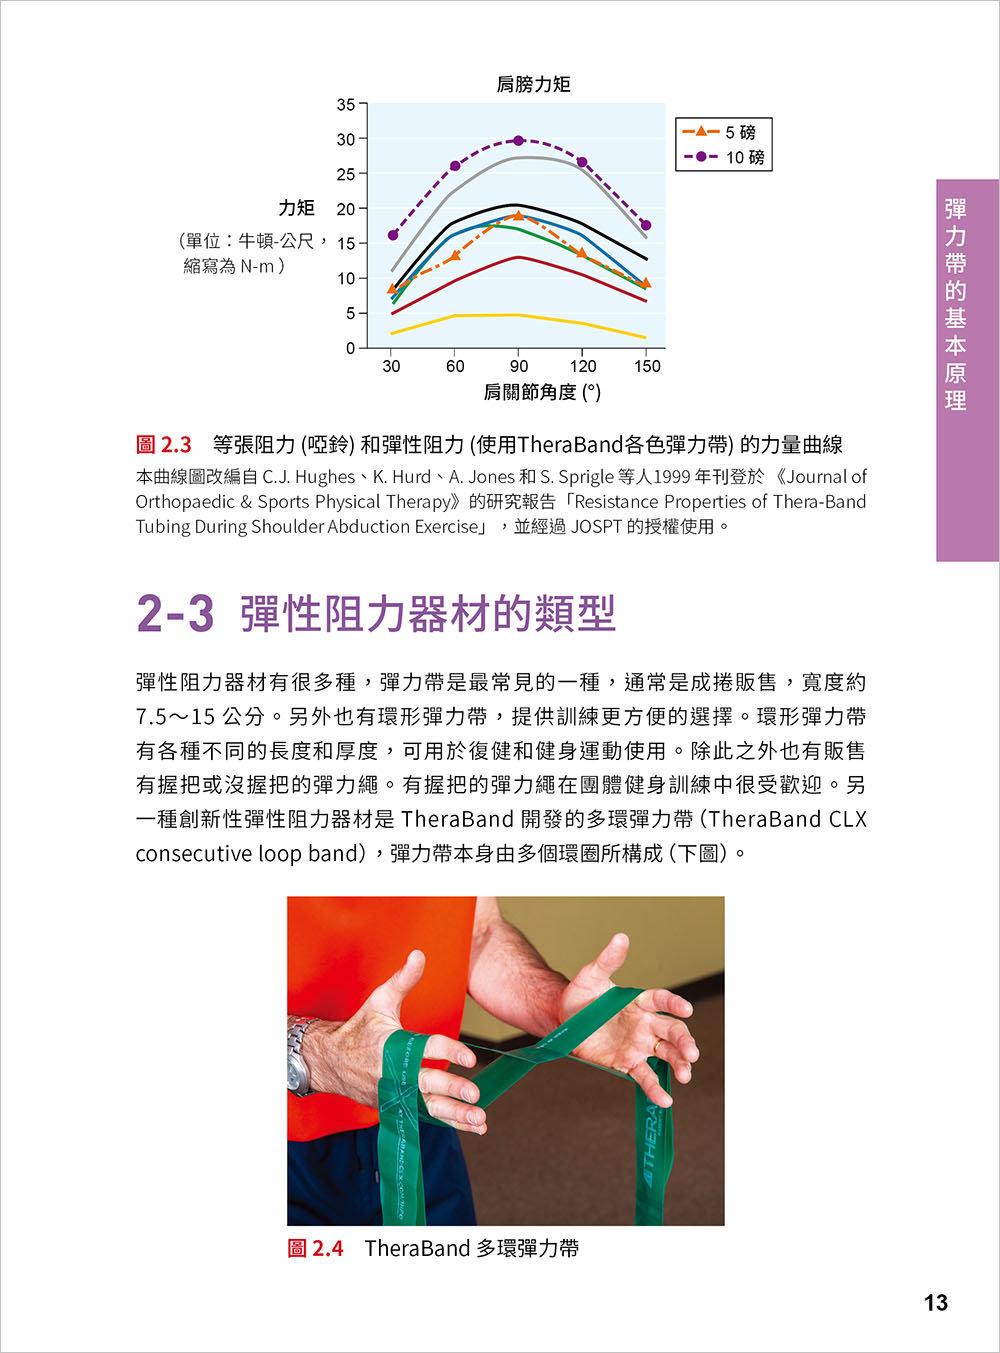 彈性阻力帶肌力訓練大全 162 式最新版 : 健身與功能性訓練、復健與預防肌少症 全適用-preview-1